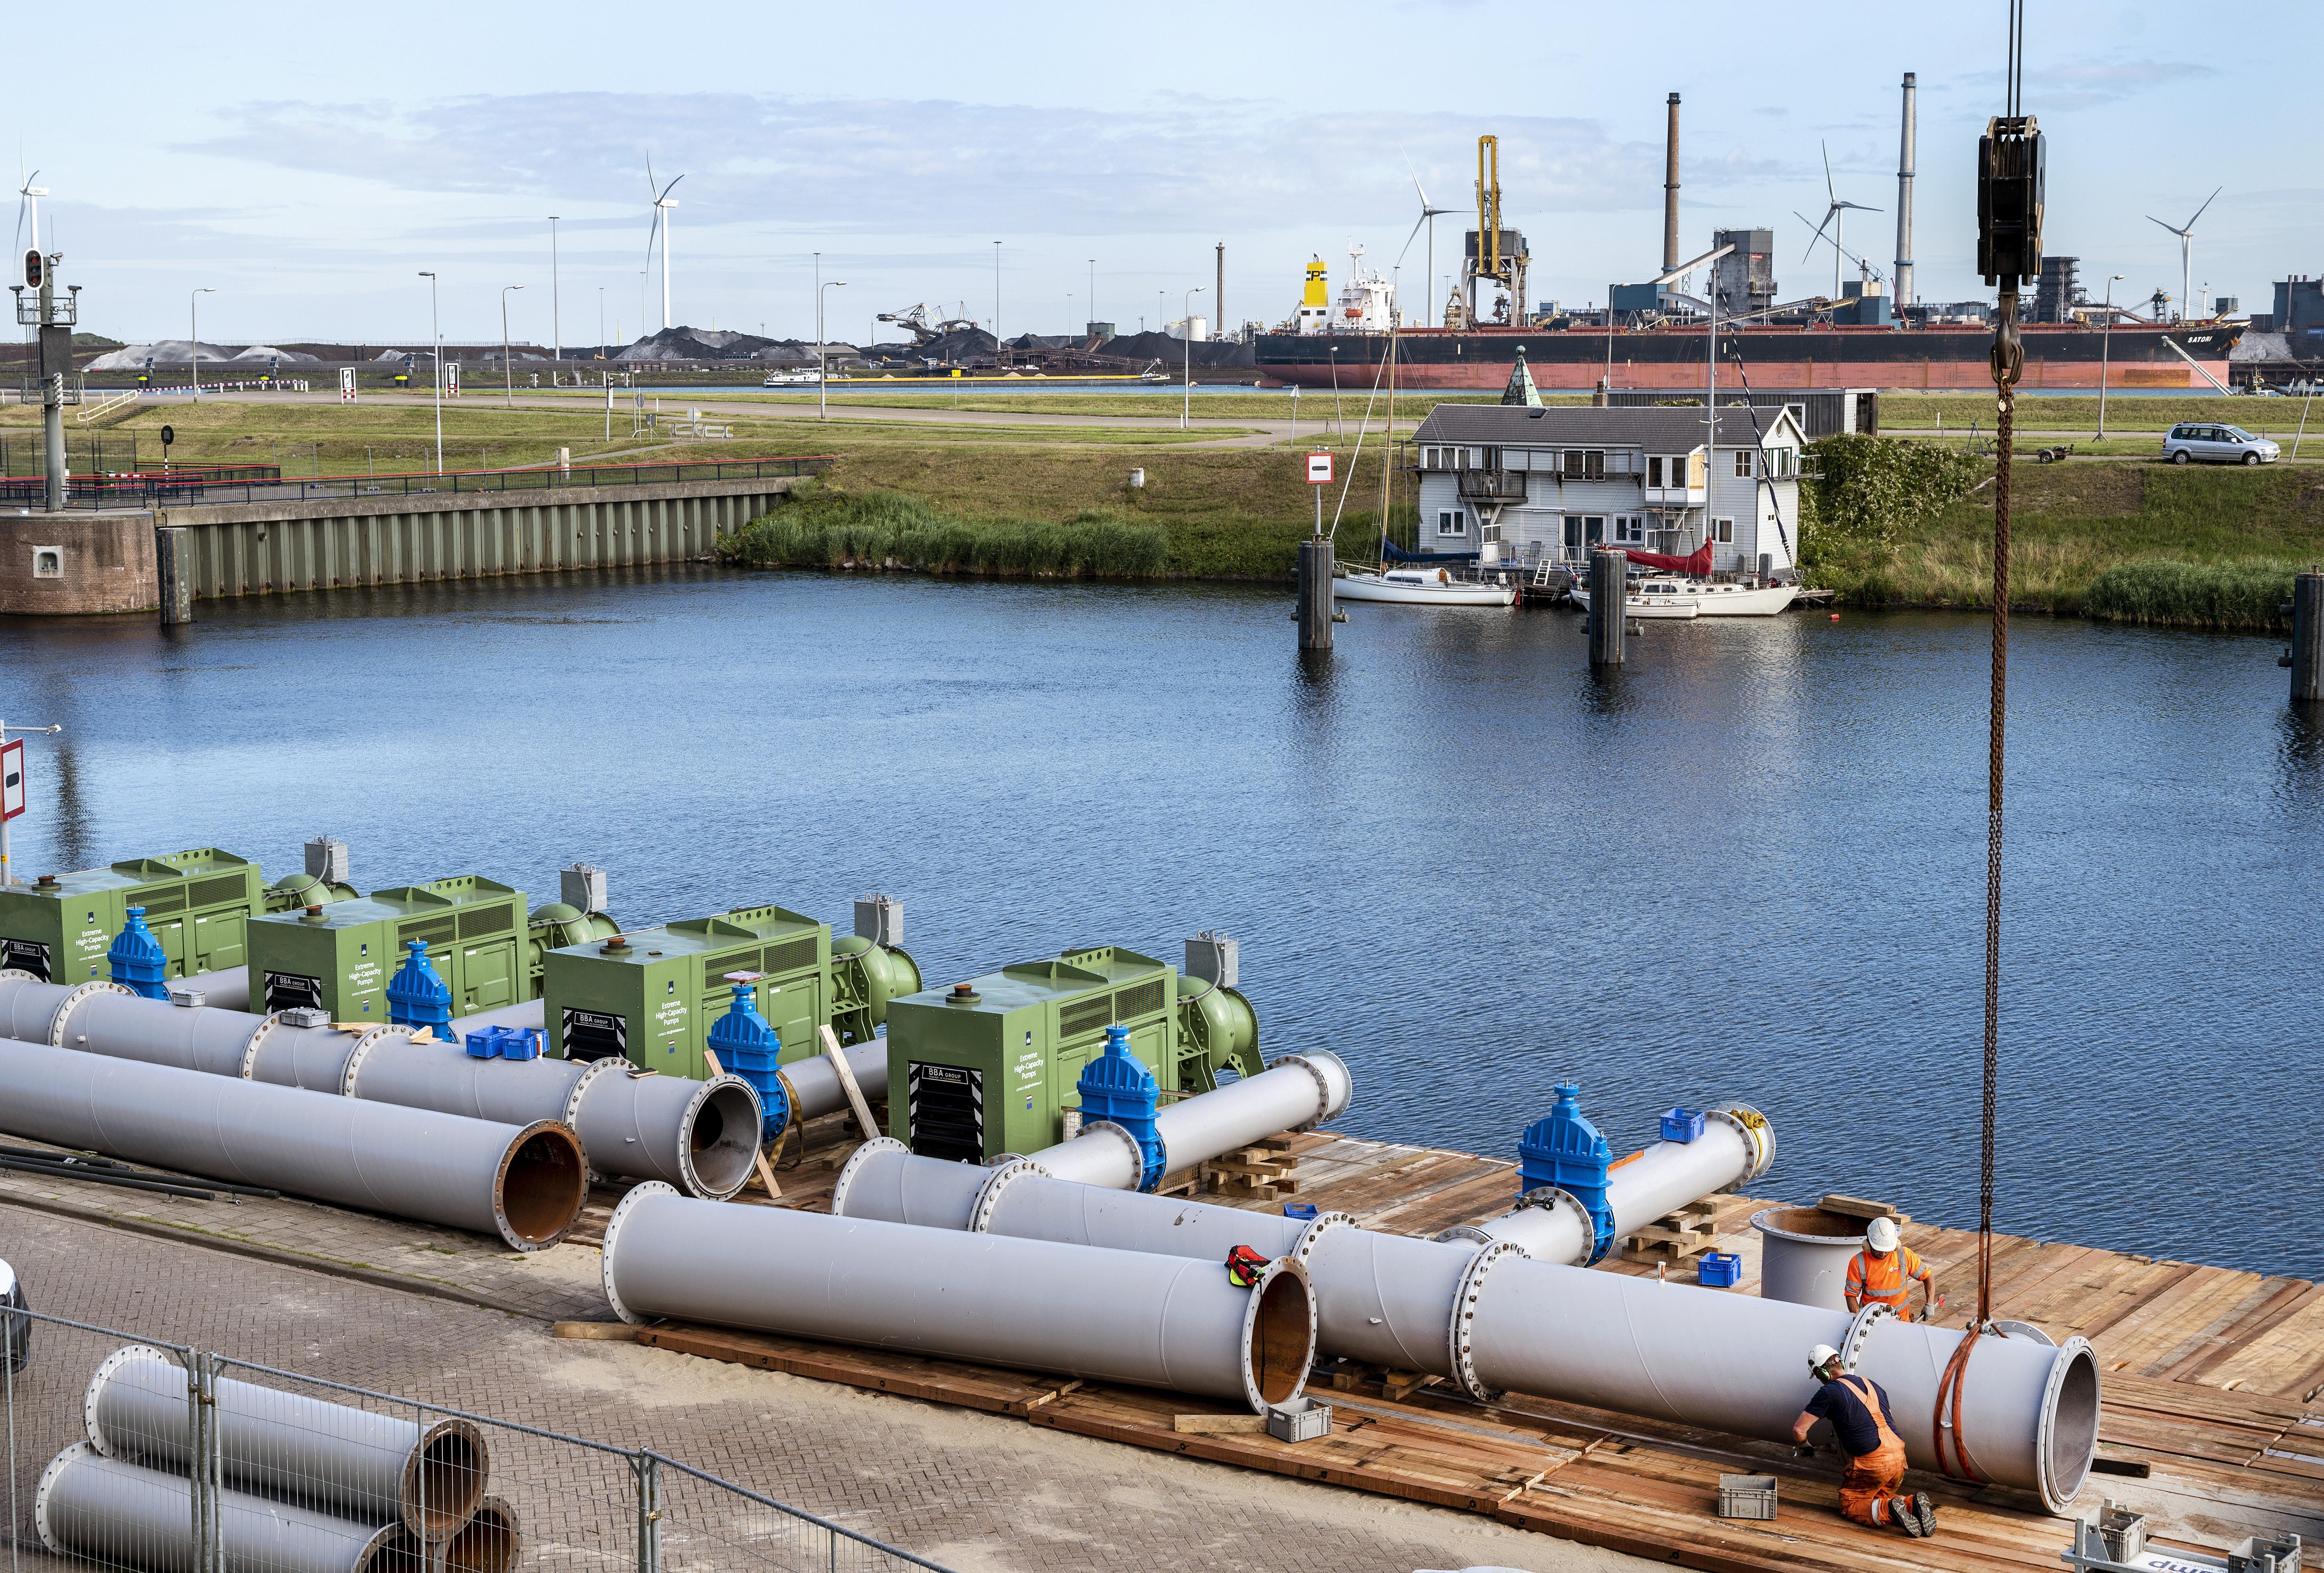 Harde kritiek op Rijkswaterstaat vanwege falende pomp en noodoplossing gemaal IJmuiden: 'dit is een brevet van onvermogen'